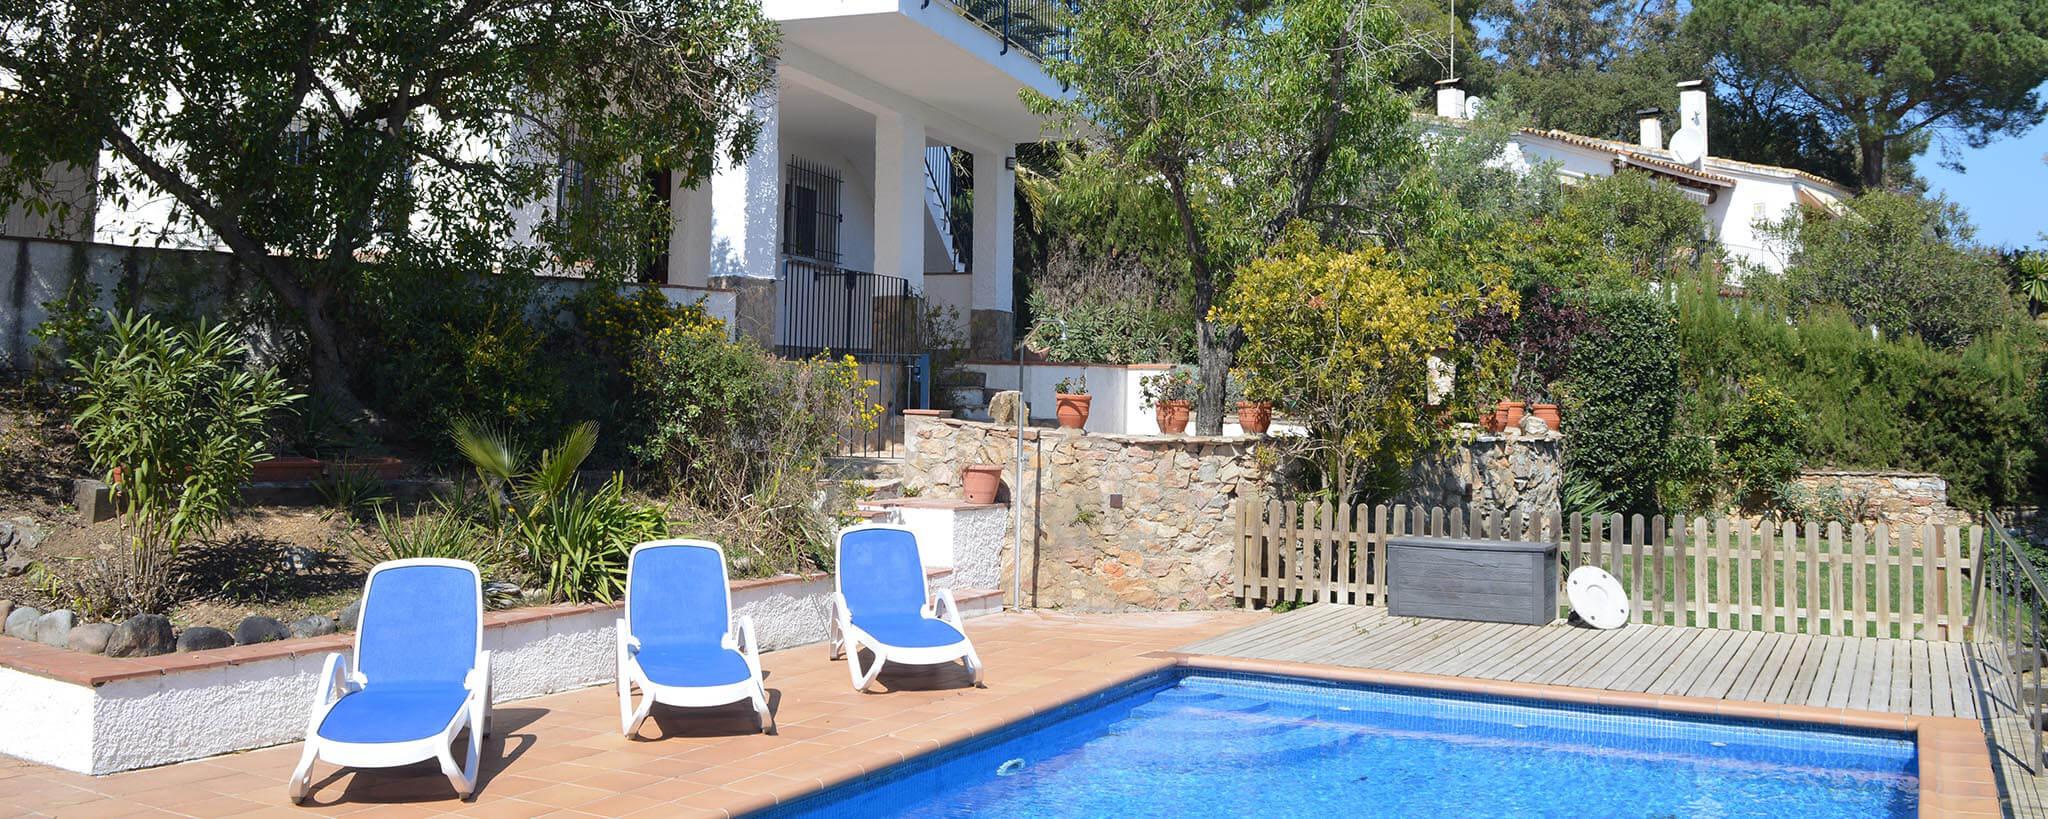 Pintoresca casa individual con jard n y piscina privada en for Casa de campo con piscina privada